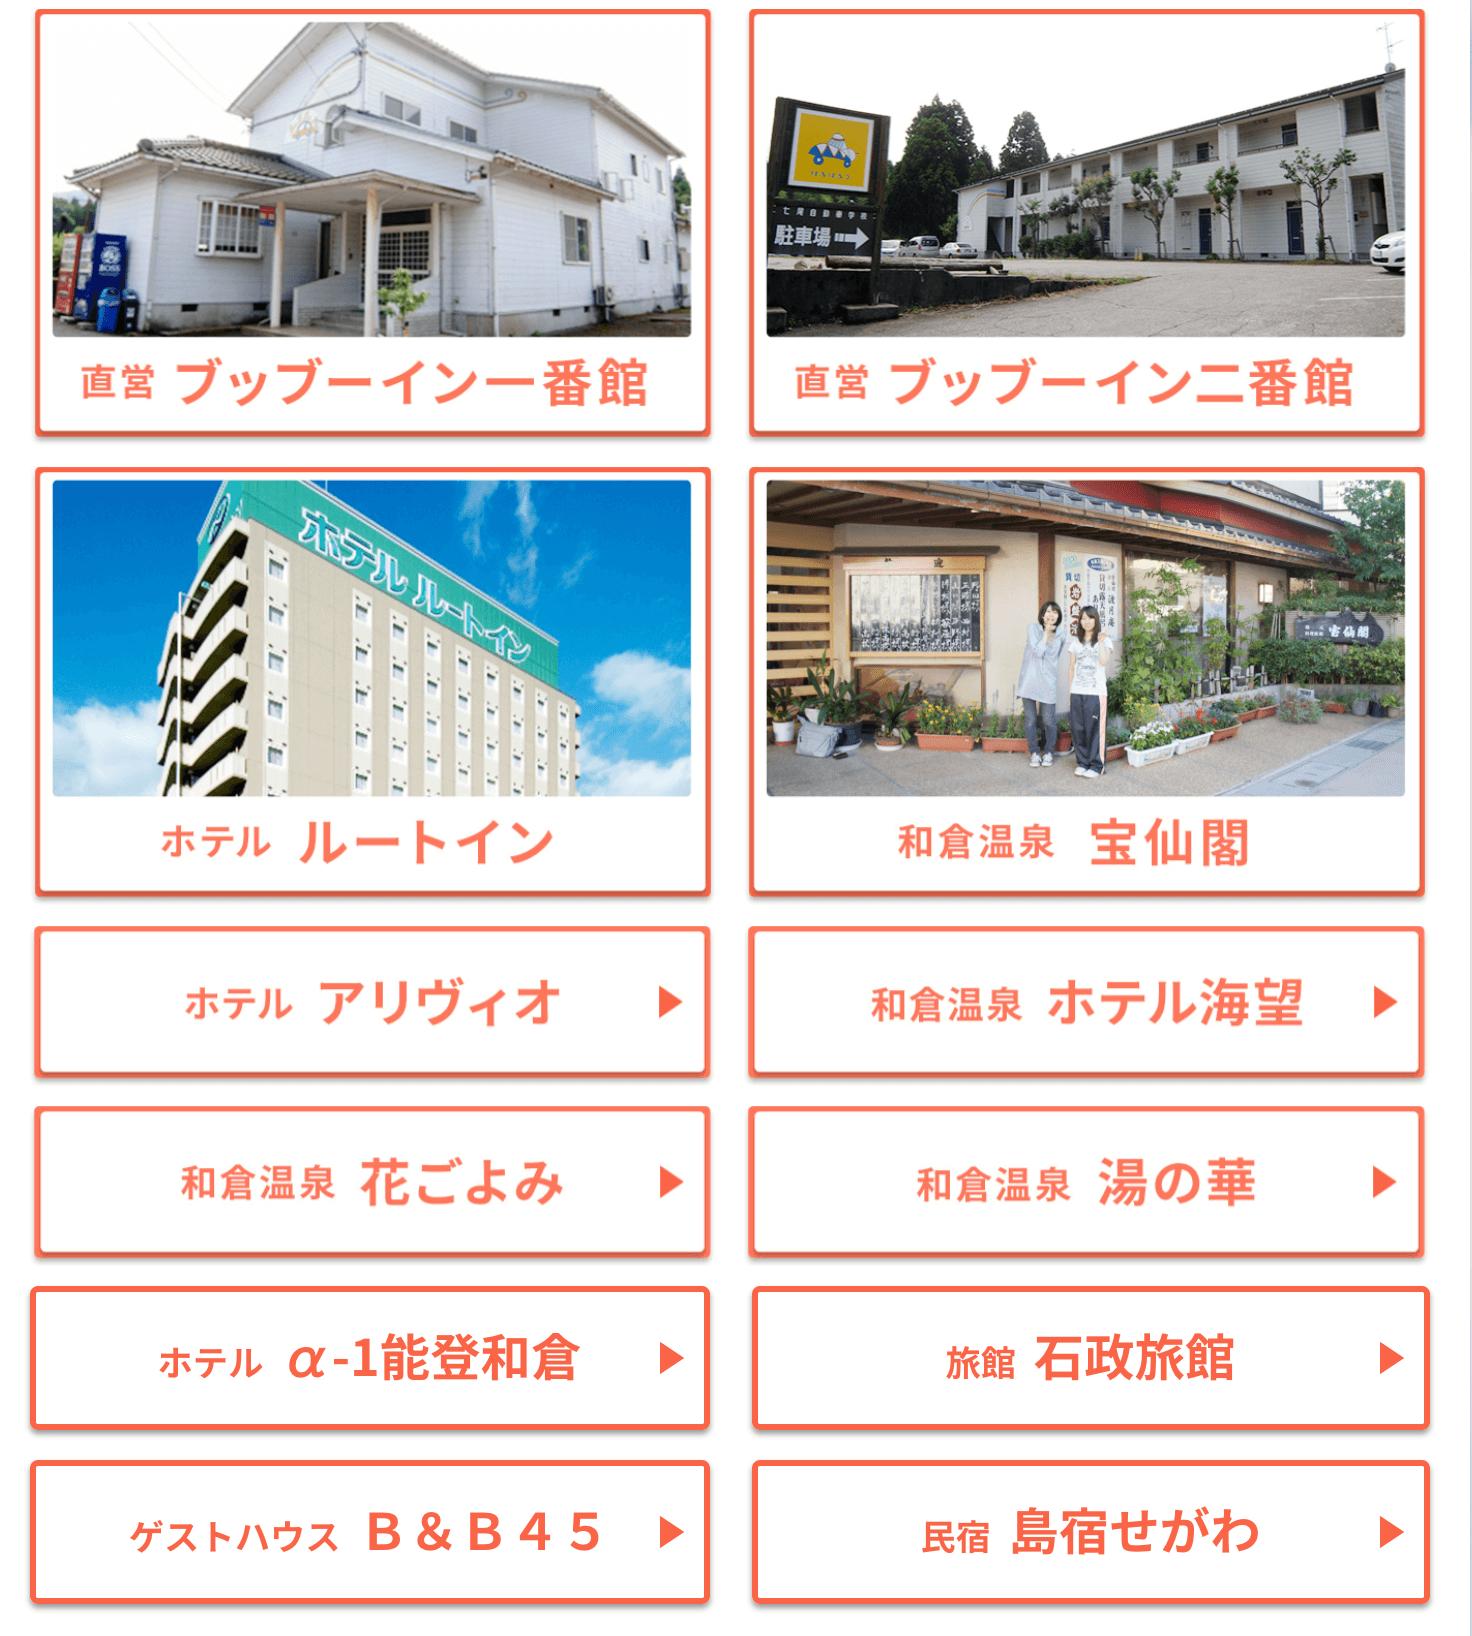 七尾自動車学校 宿泊